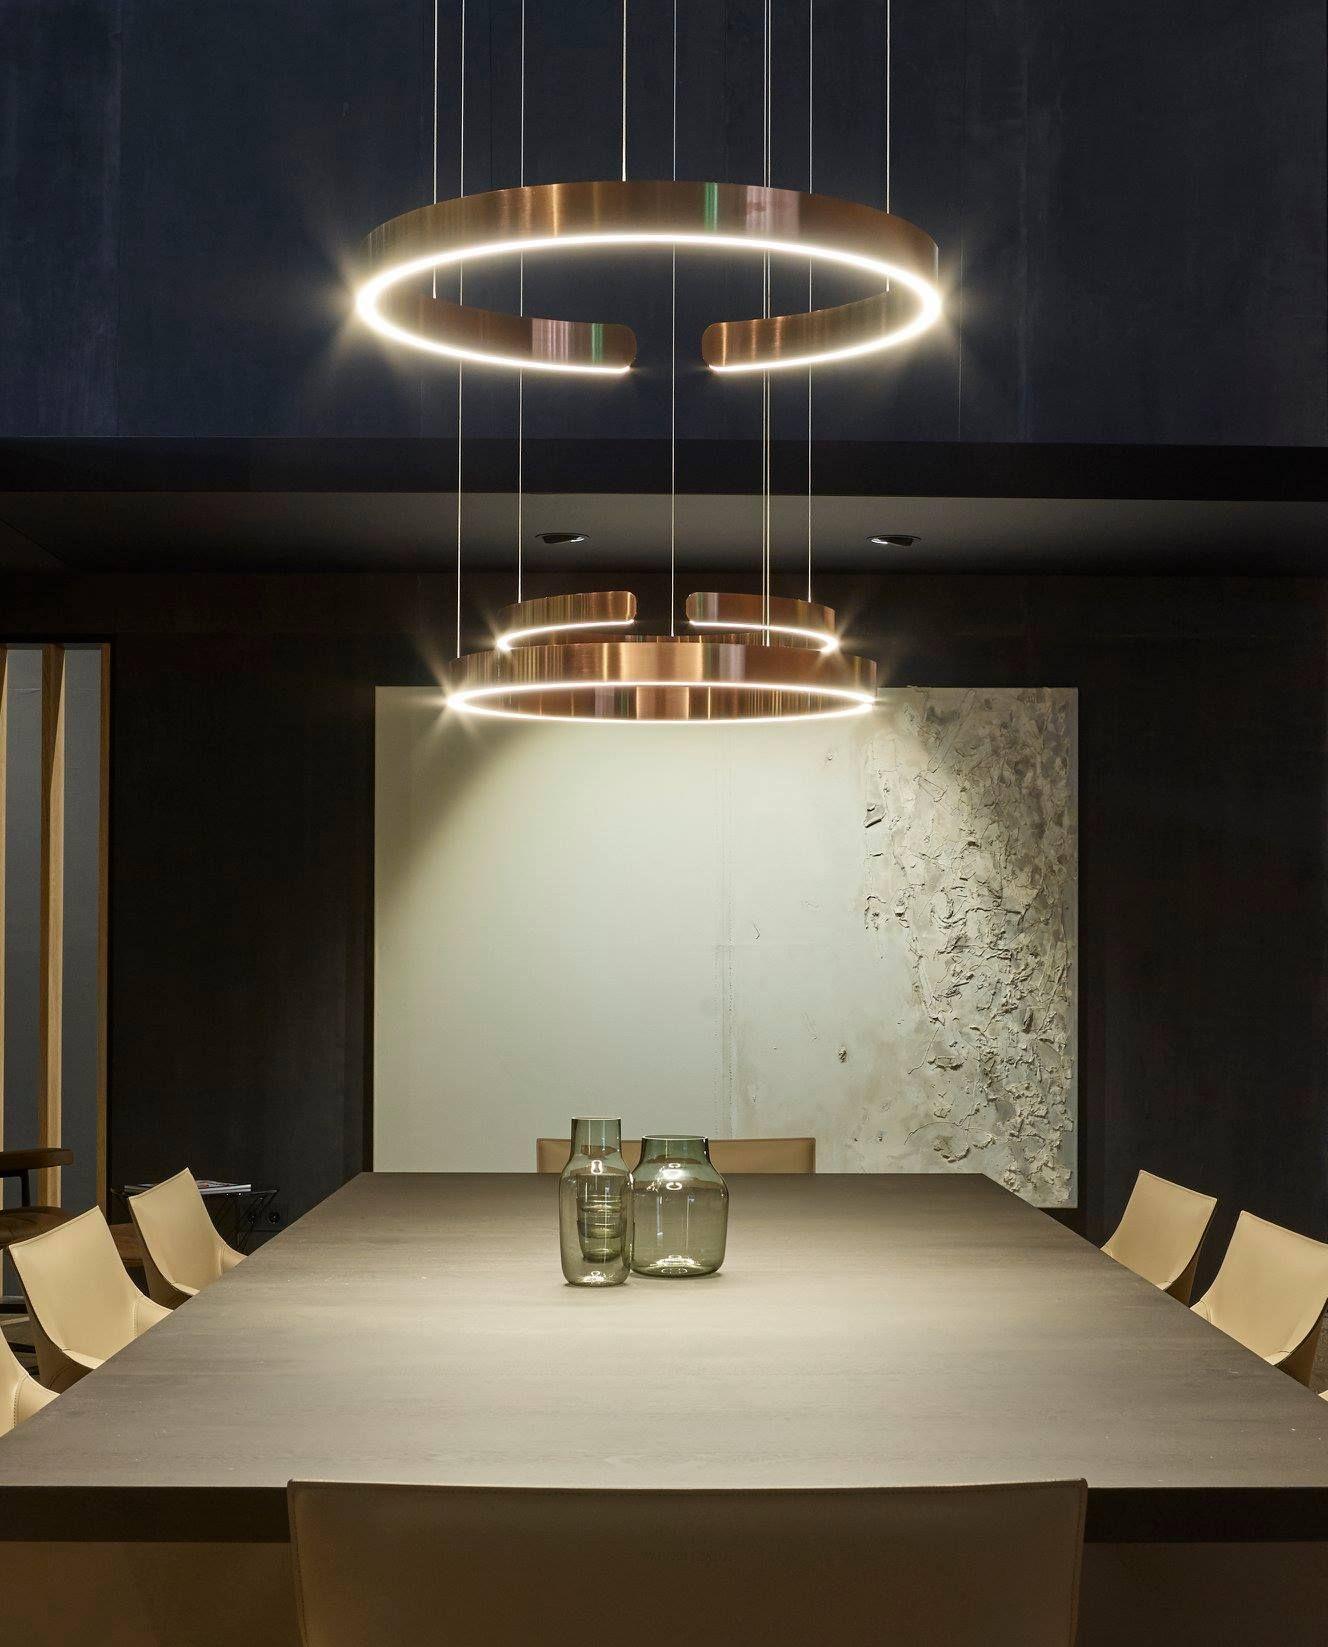 Mito Perfect Light Wohnungsbeleuchtung Beleuchtungsideen Foyer Leuchten